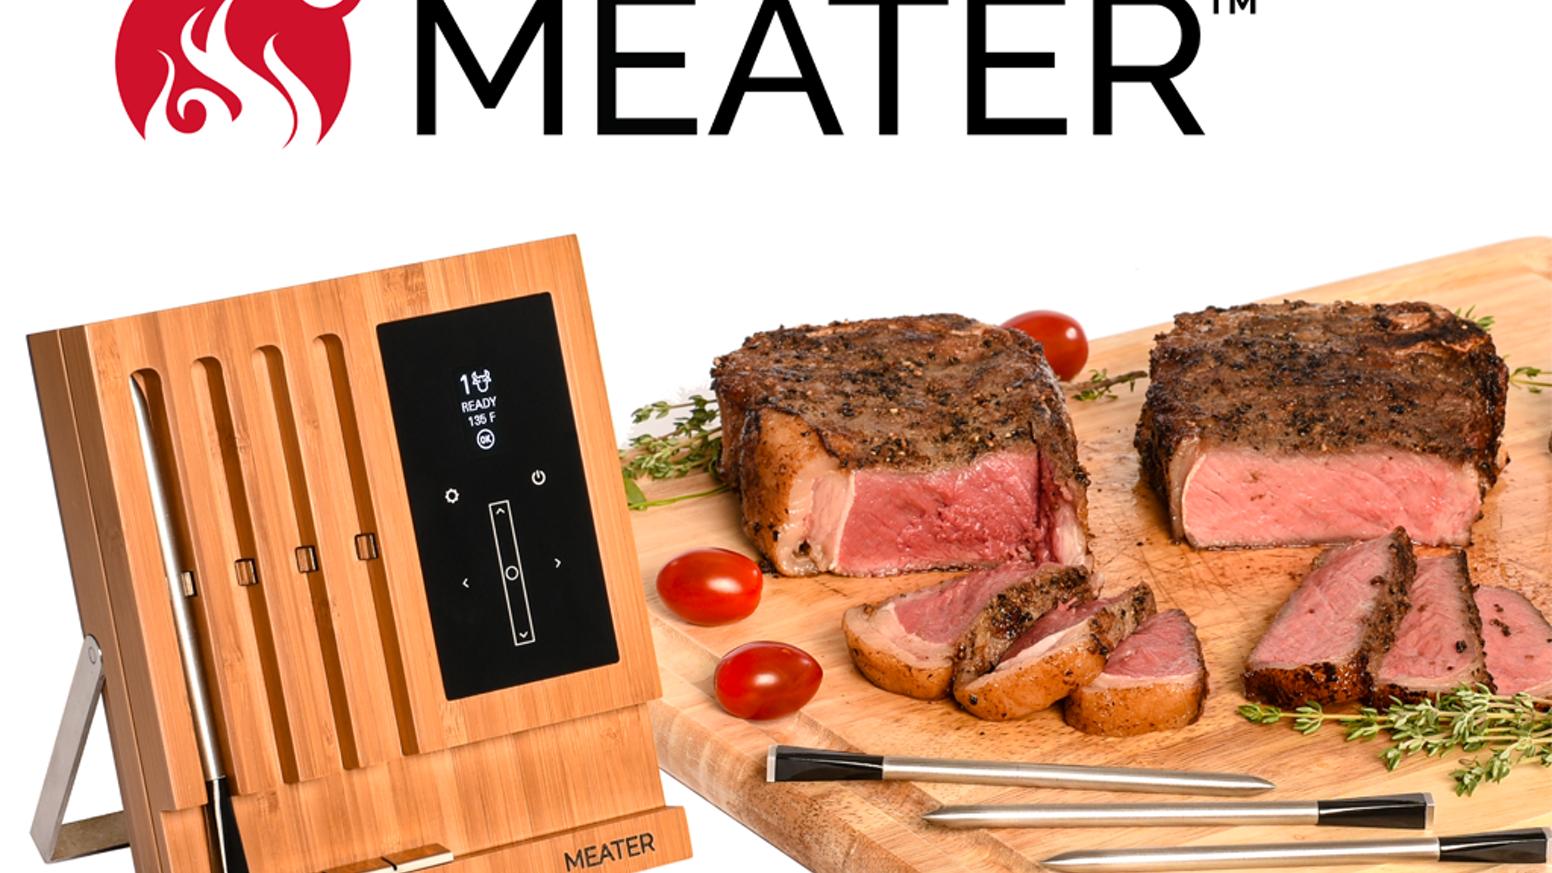 Meater Termometro Bbq Wifi Compatibile Alexa Il primo termometro alimentare wireless ed intelligente per. meater termometro bbq wifi compatibile